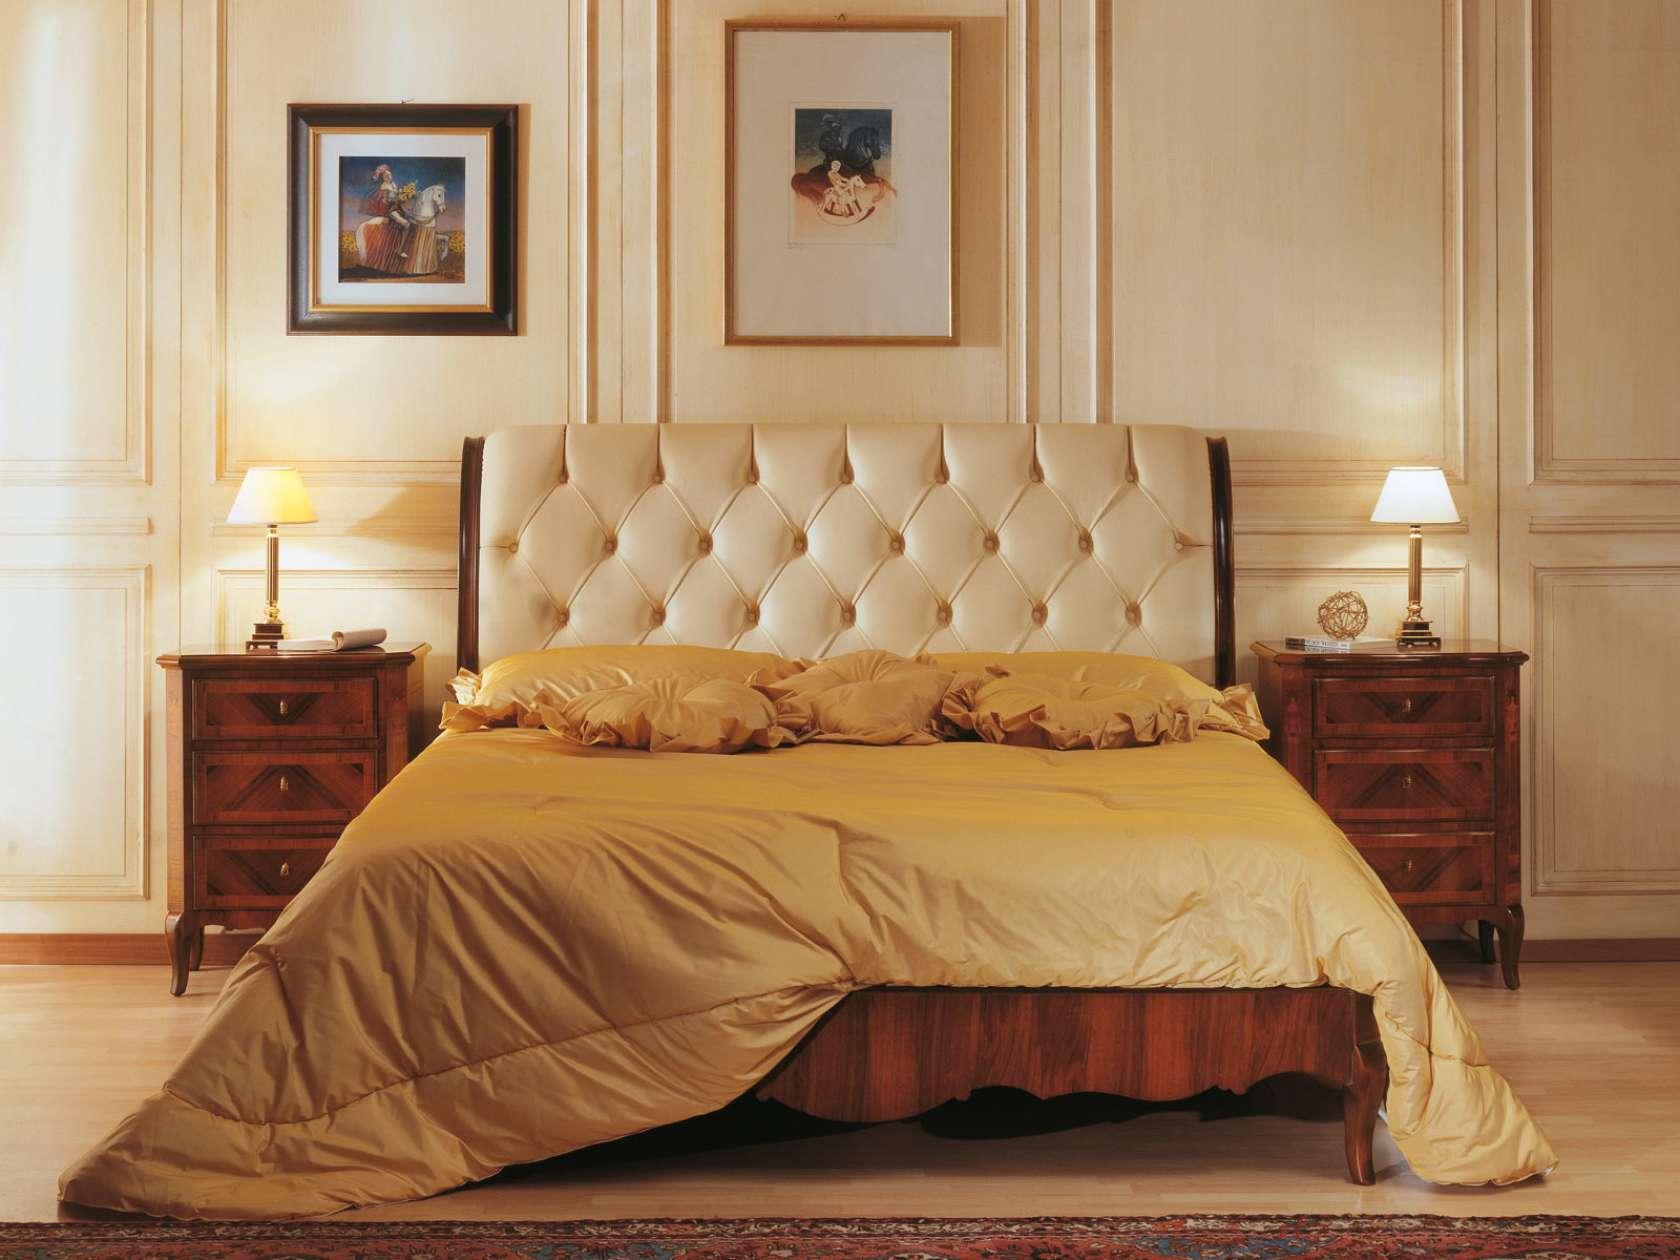 Letti Di Lusso Prezzi : Camera da letto classica di lusso 800 francese letto in pelle